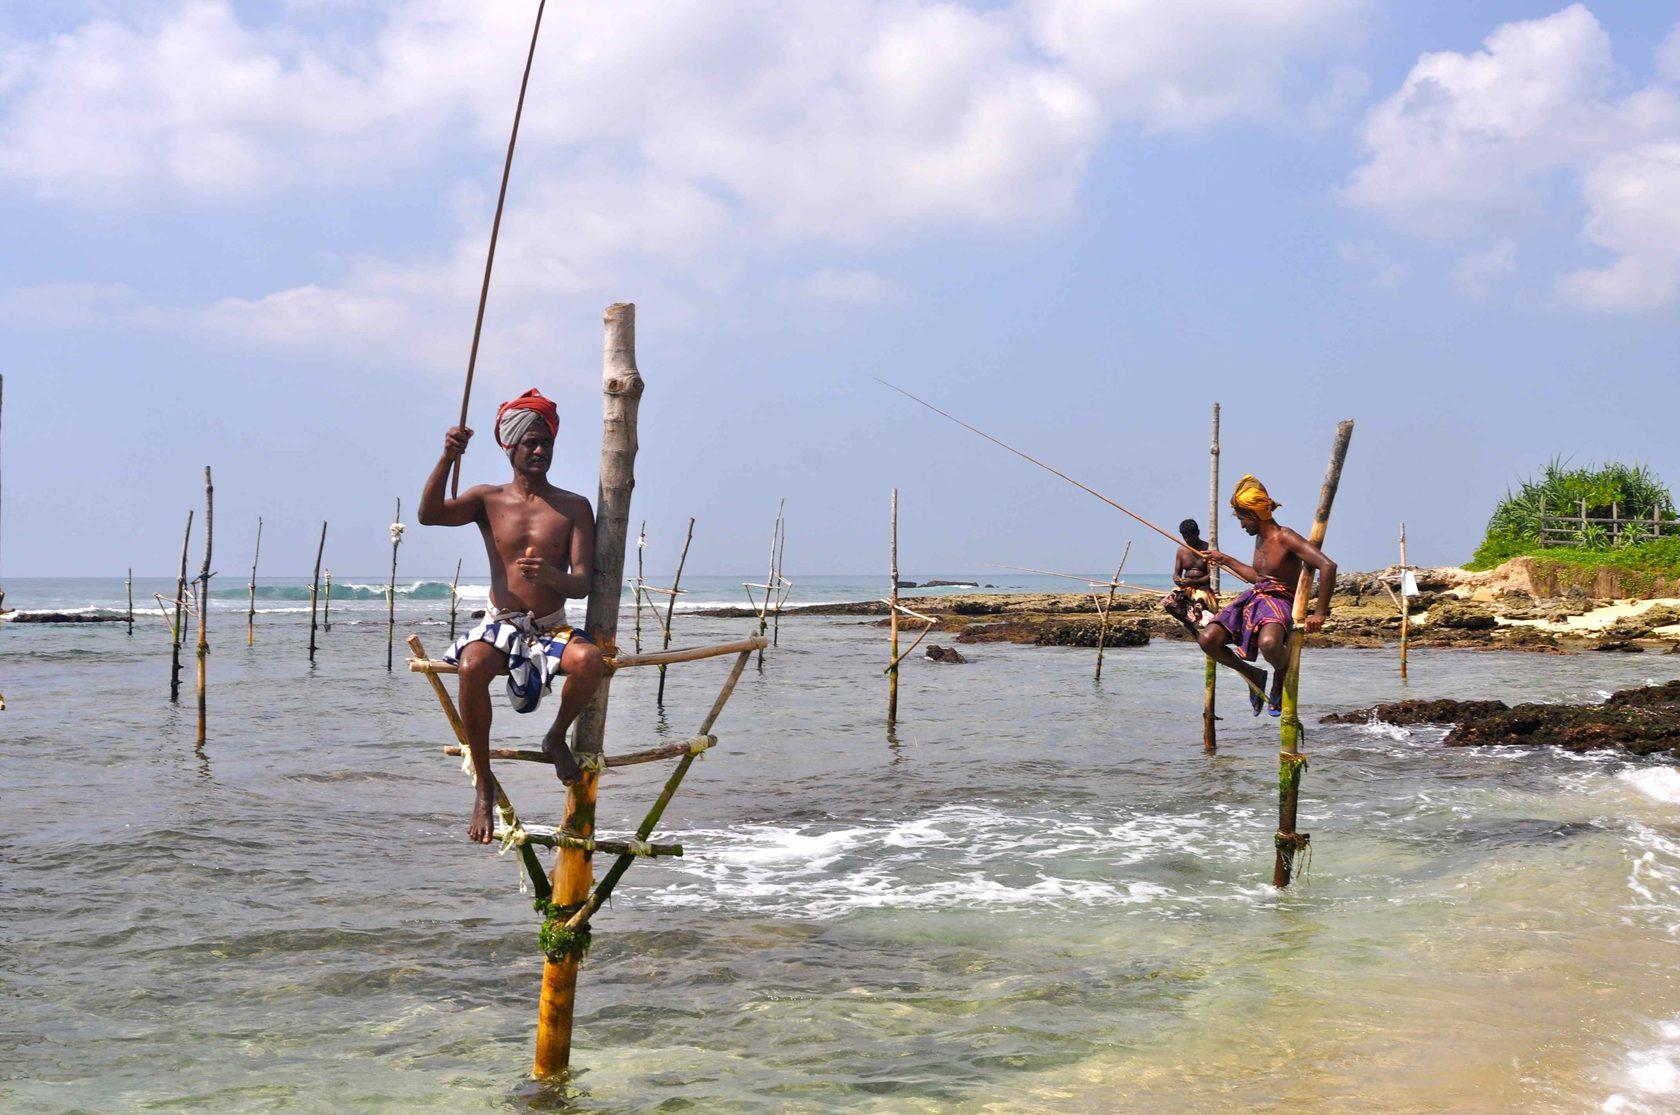 """""""Viva de graça no Sri Lanka"""" - o casal construiu um negócio com base nisso, quem gosta de viver com estranhos"""